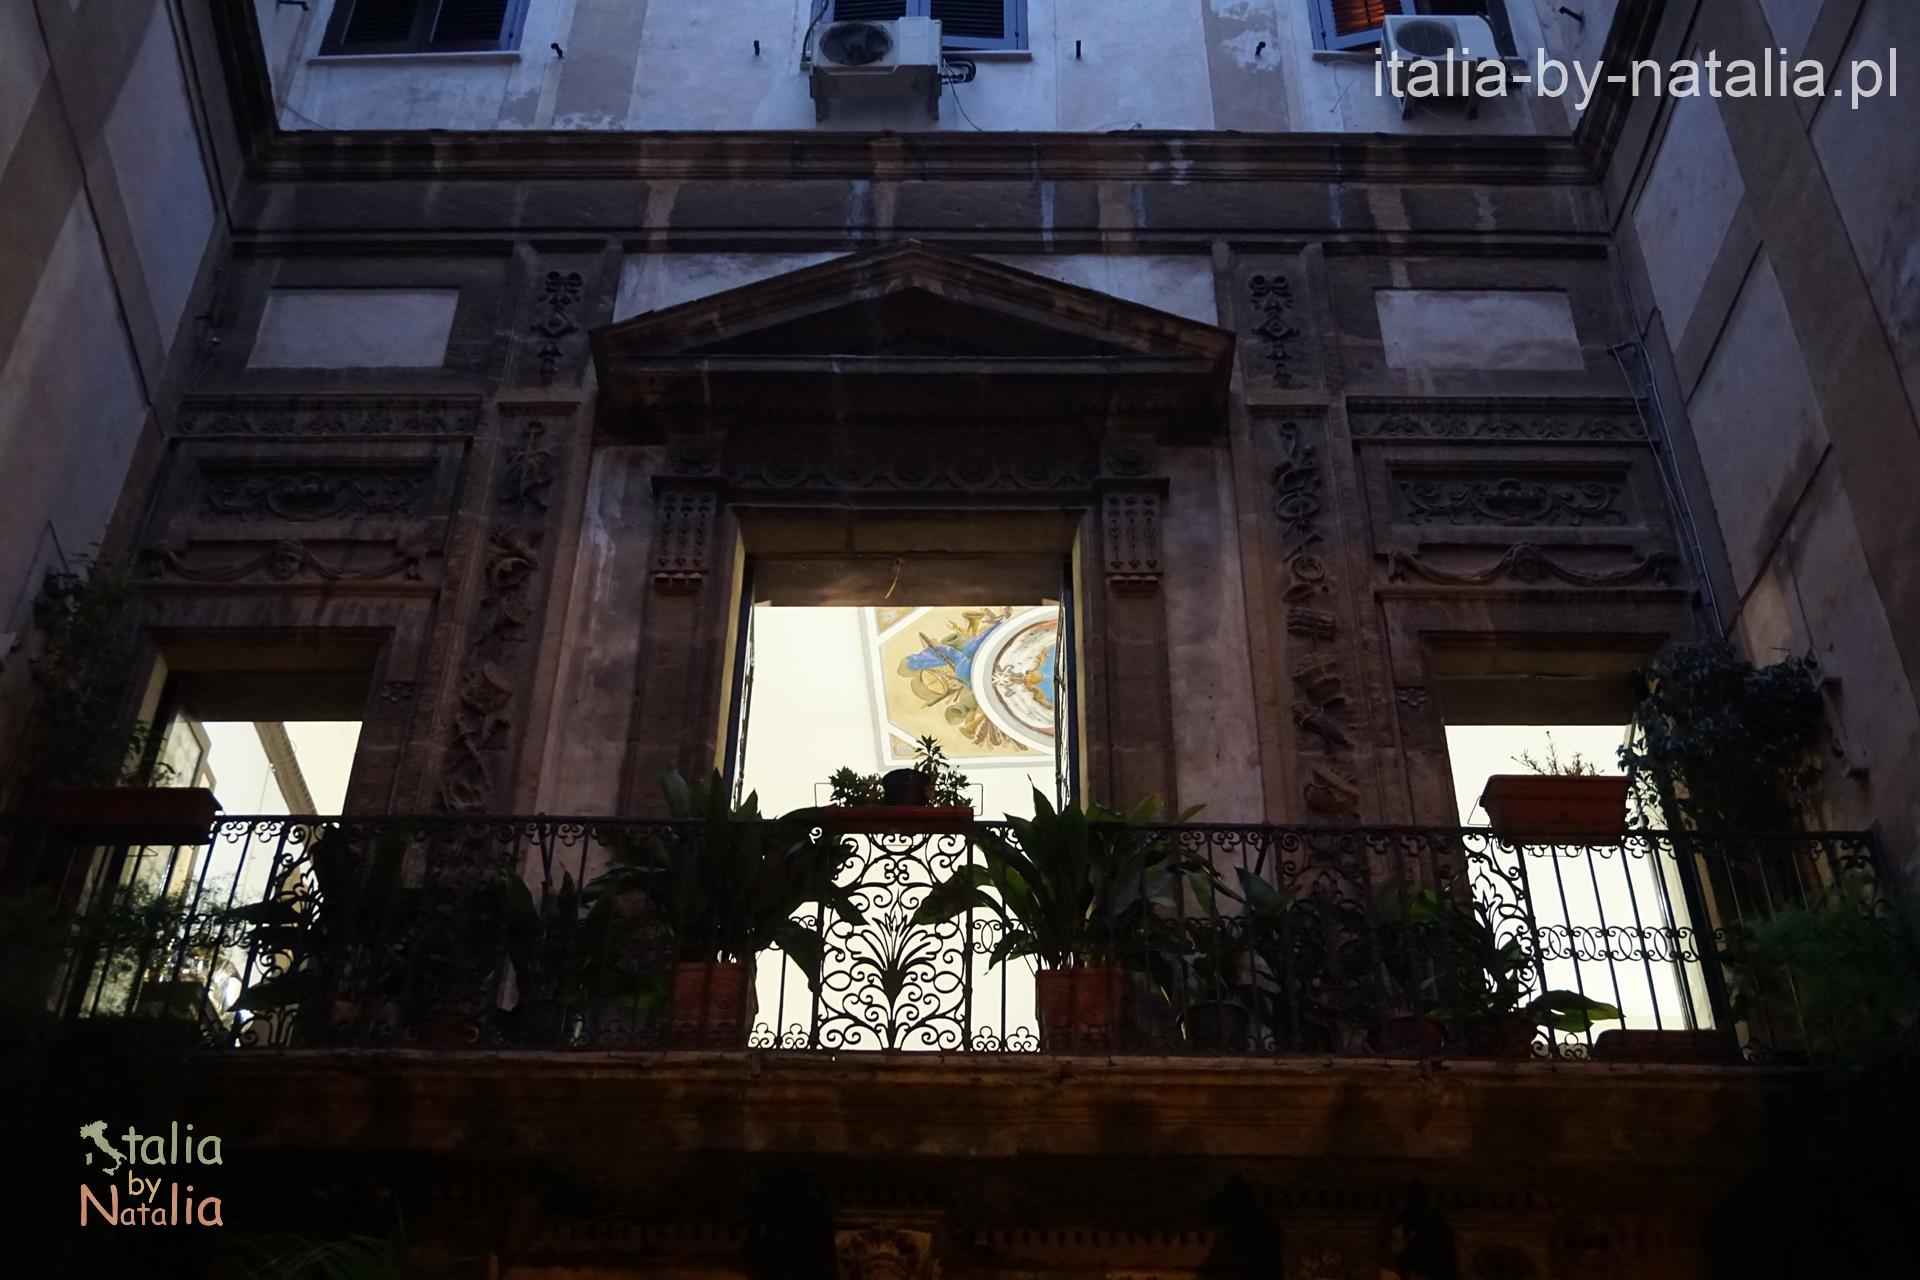 Torre dei Federico Palermo Sycylia Włochy Sicily Italy